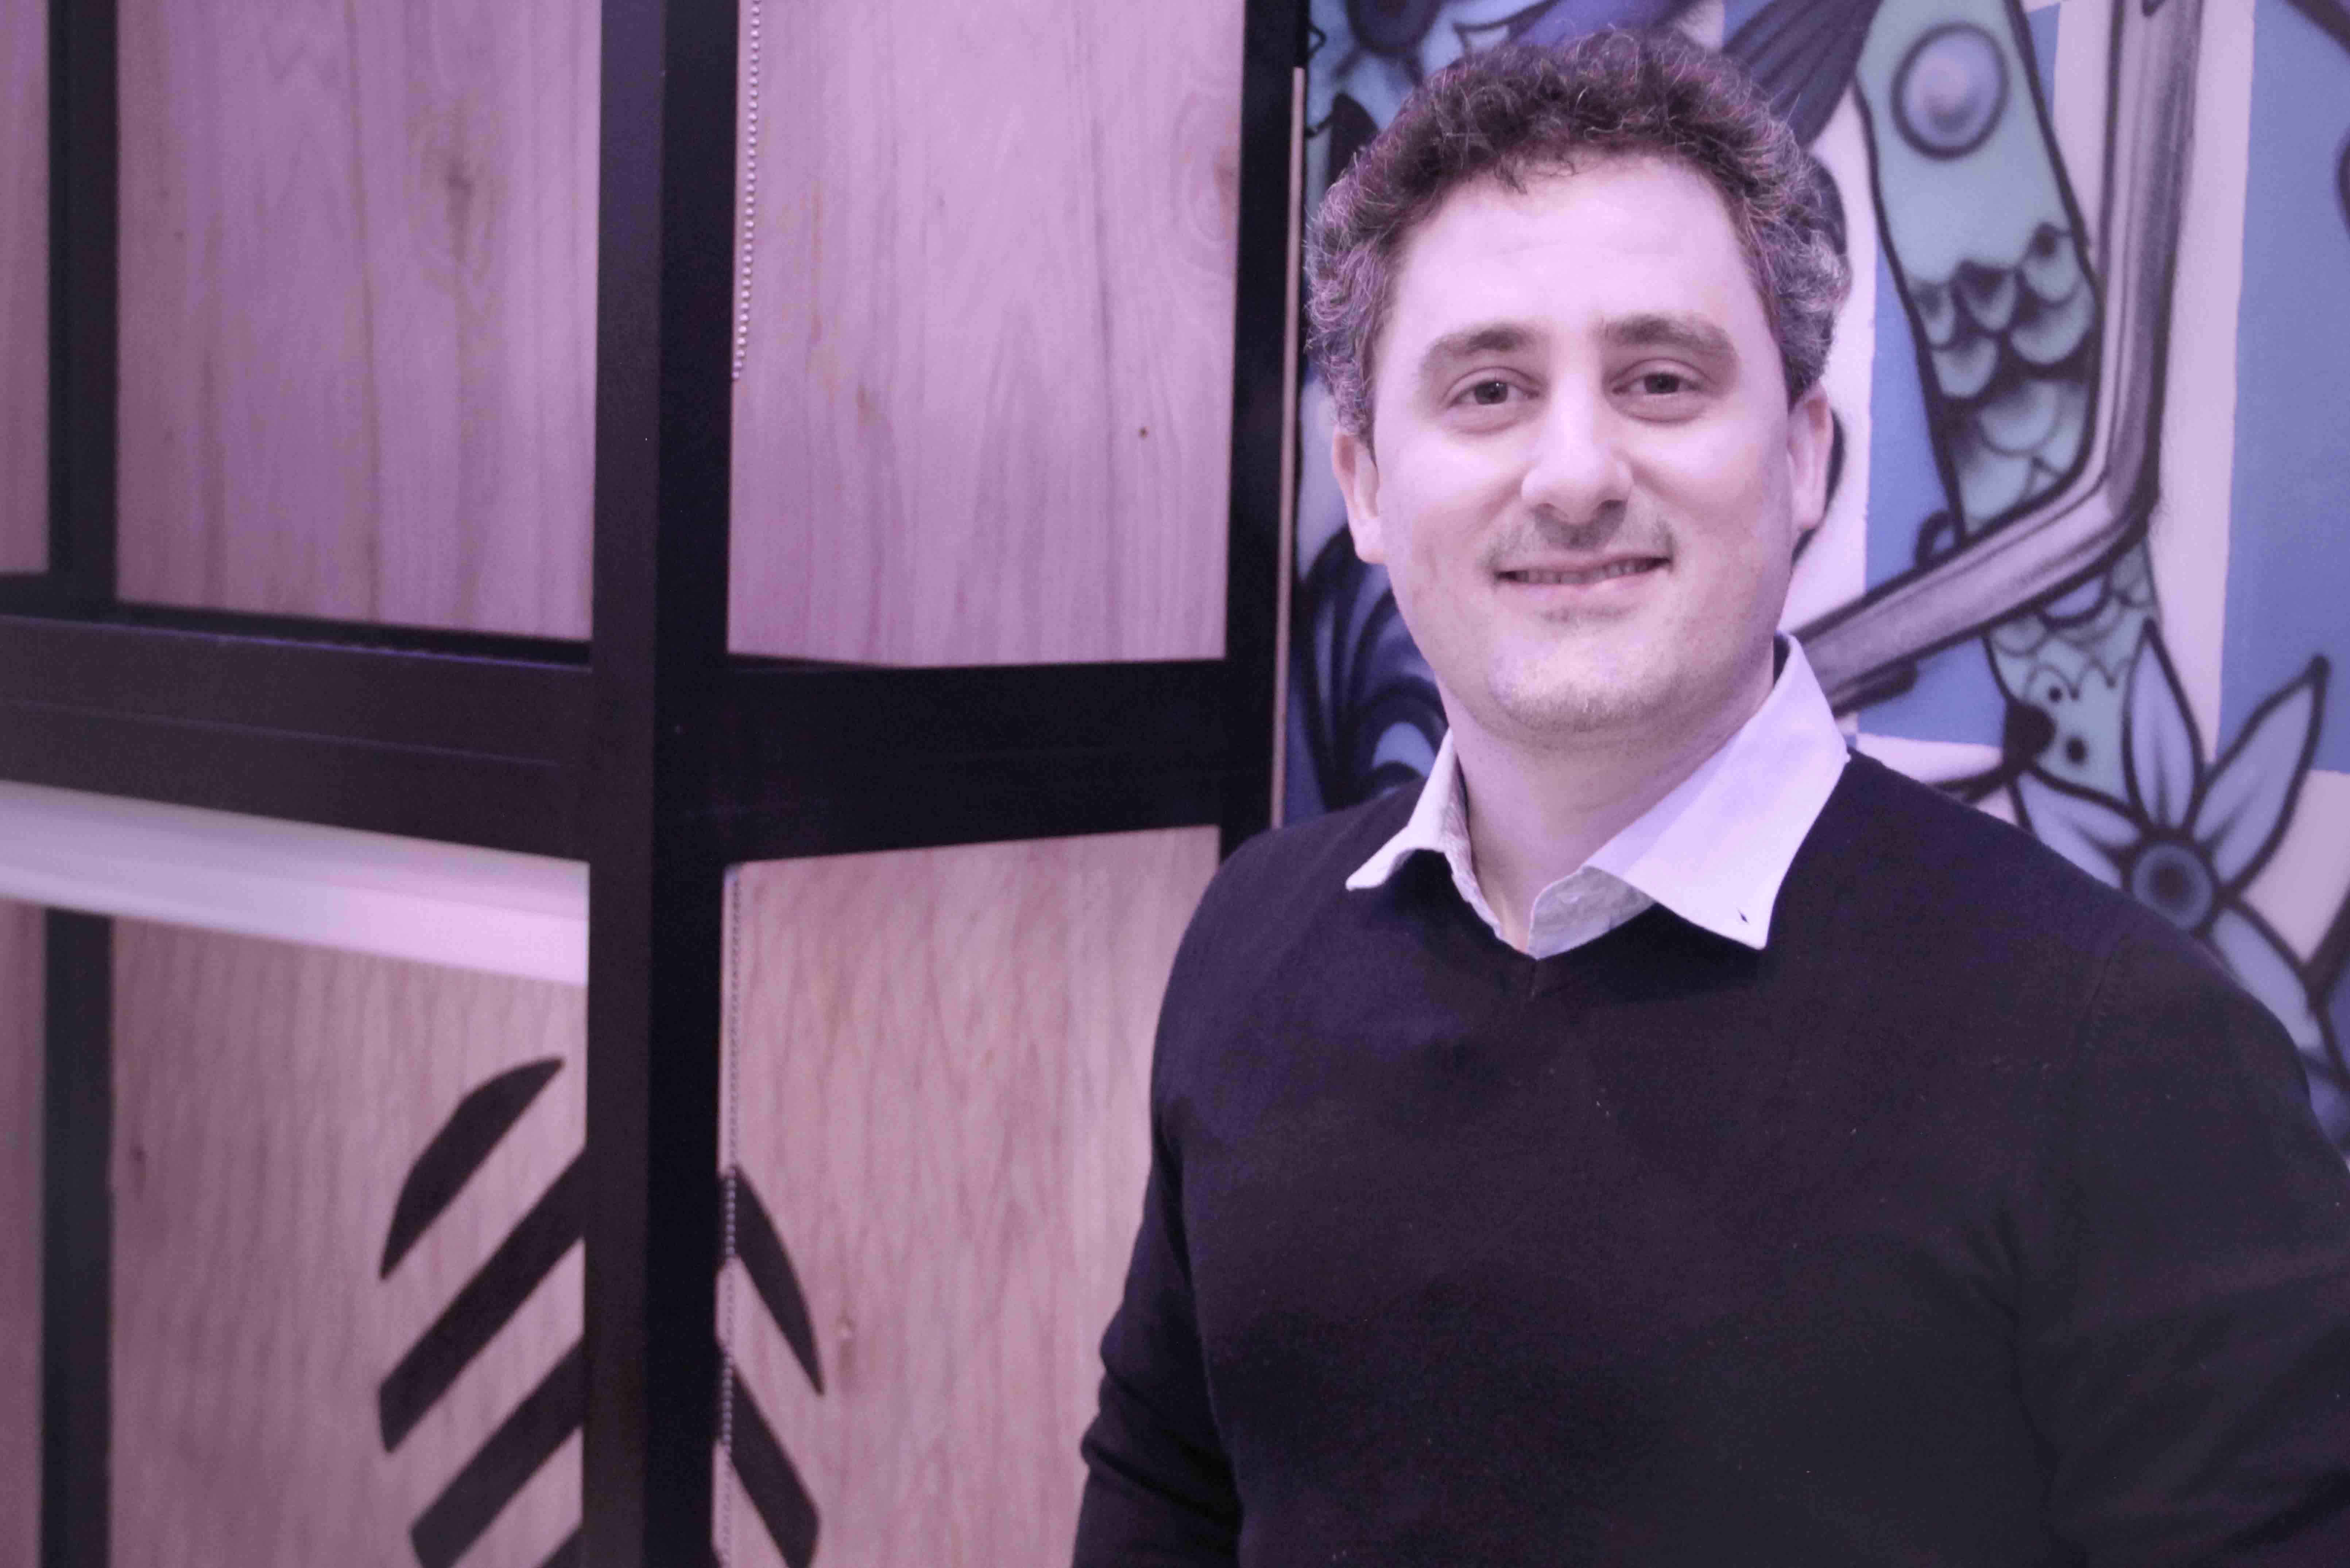 Francisco Santolo reconhecido pela Forbes como o Hacker das Startups